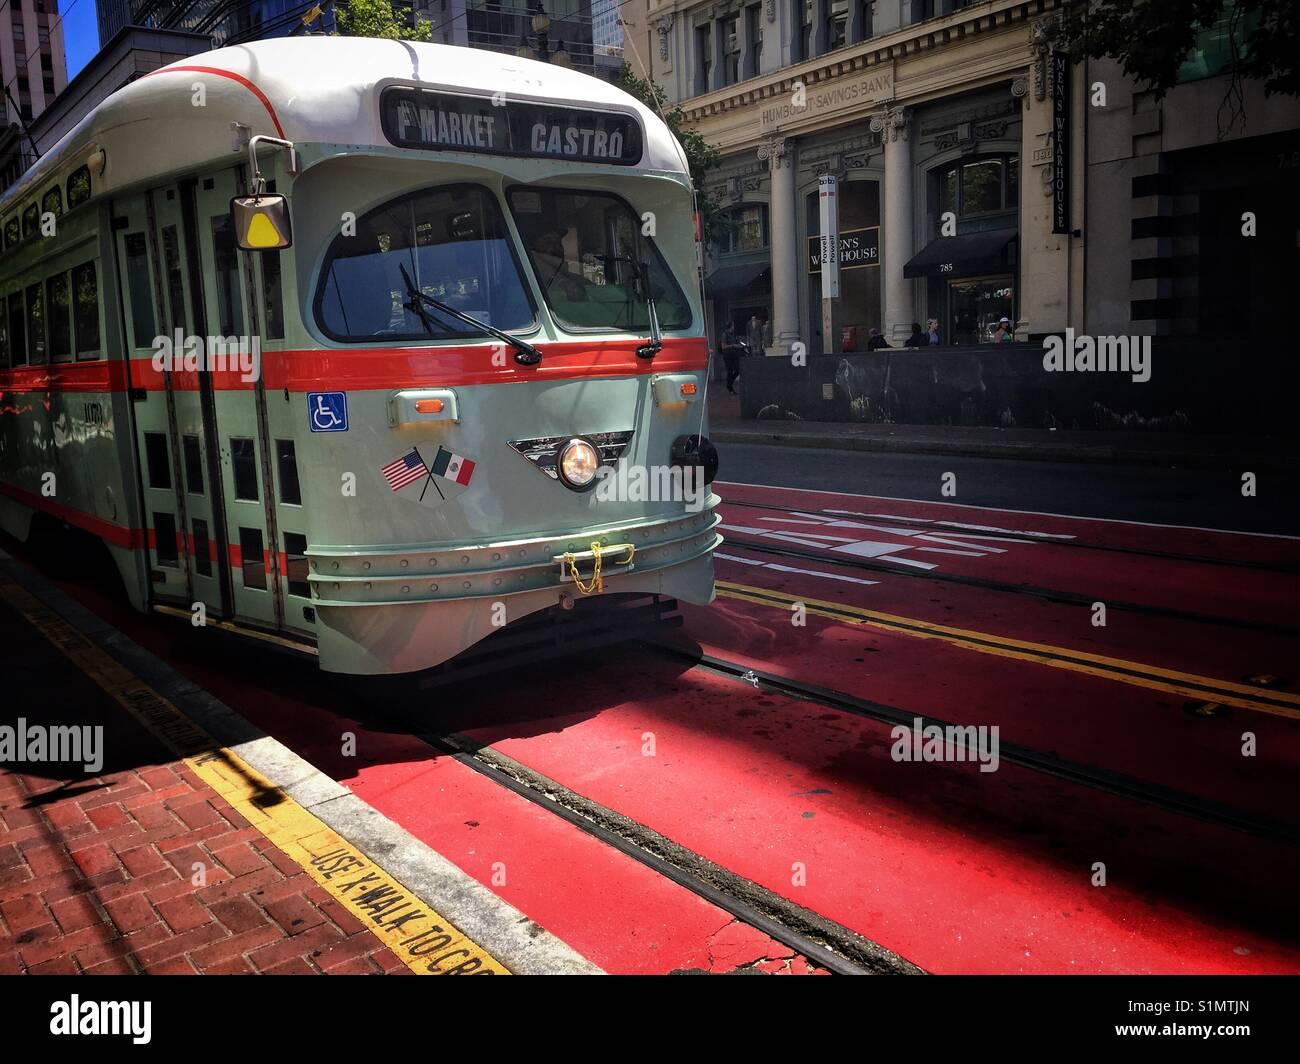 Iconic Straßenbild der klassischen F-Markt zu Castro Straßenbahn in San Francisco, Kalifornien, USA Stockbild